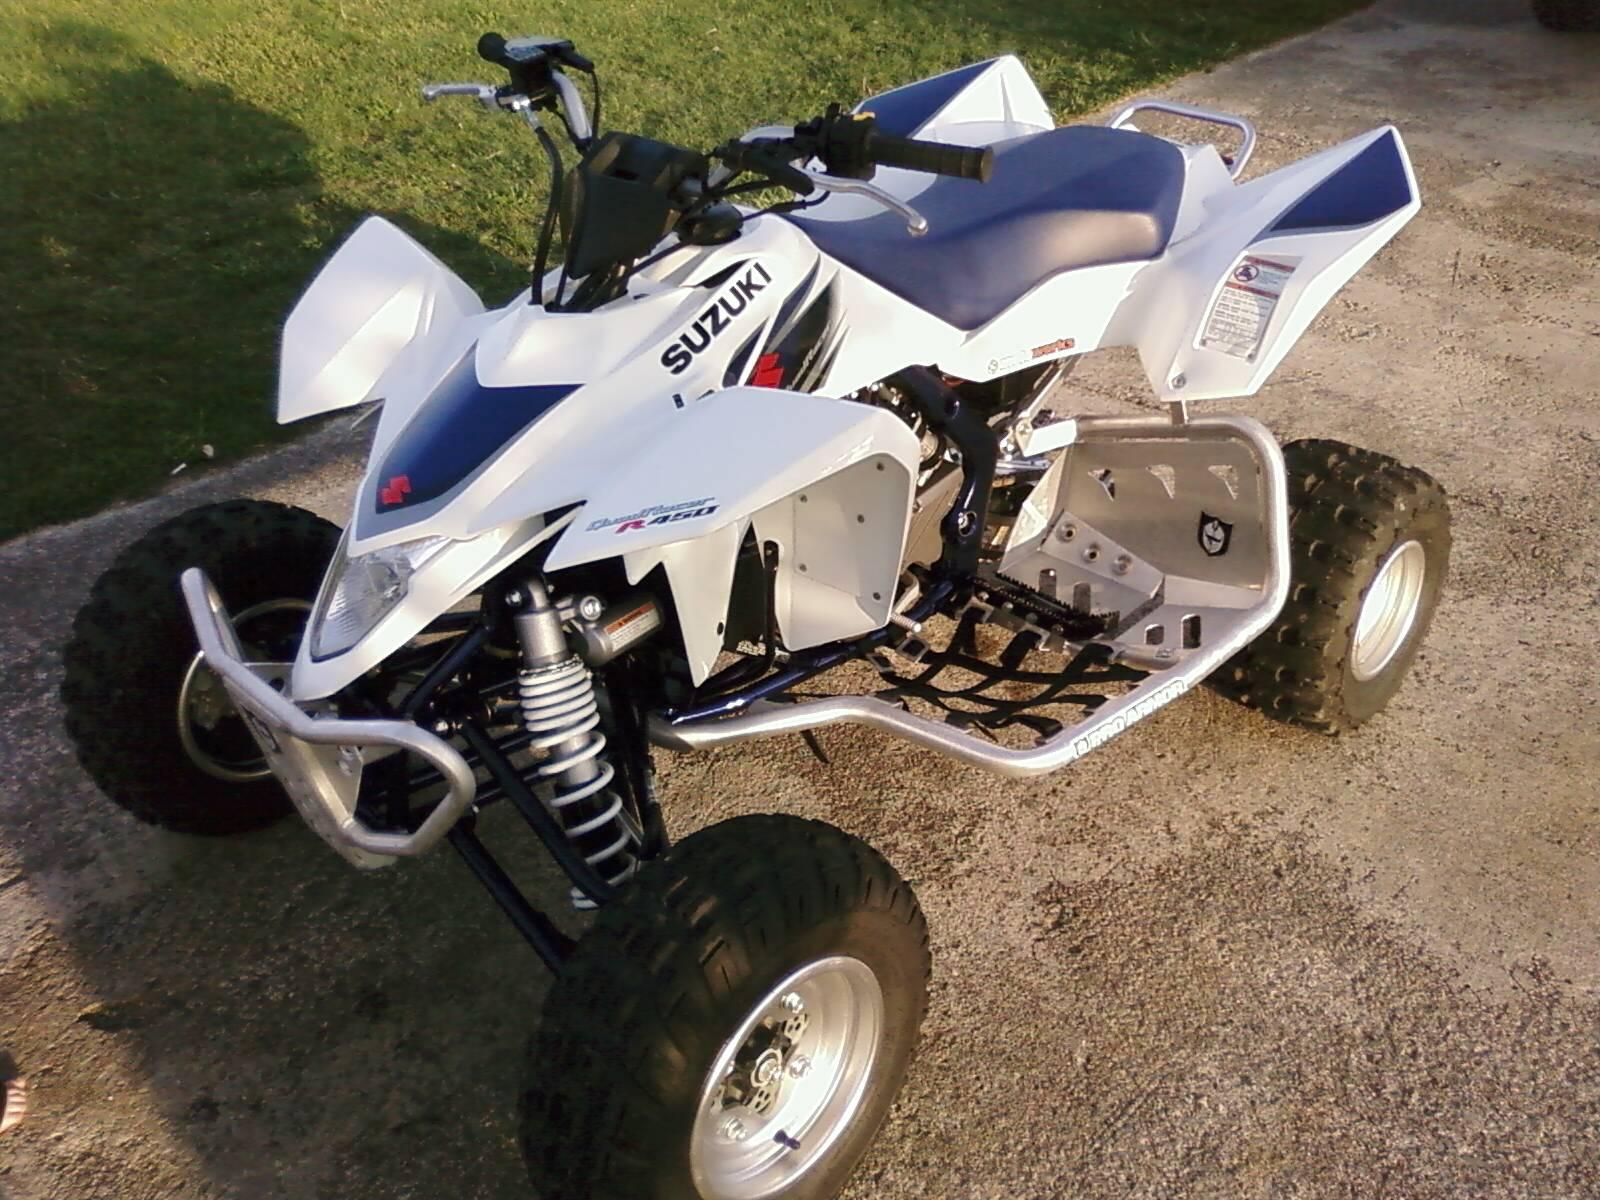 2007 Ltr 450r For Sale-ltr_450r_030.jpg